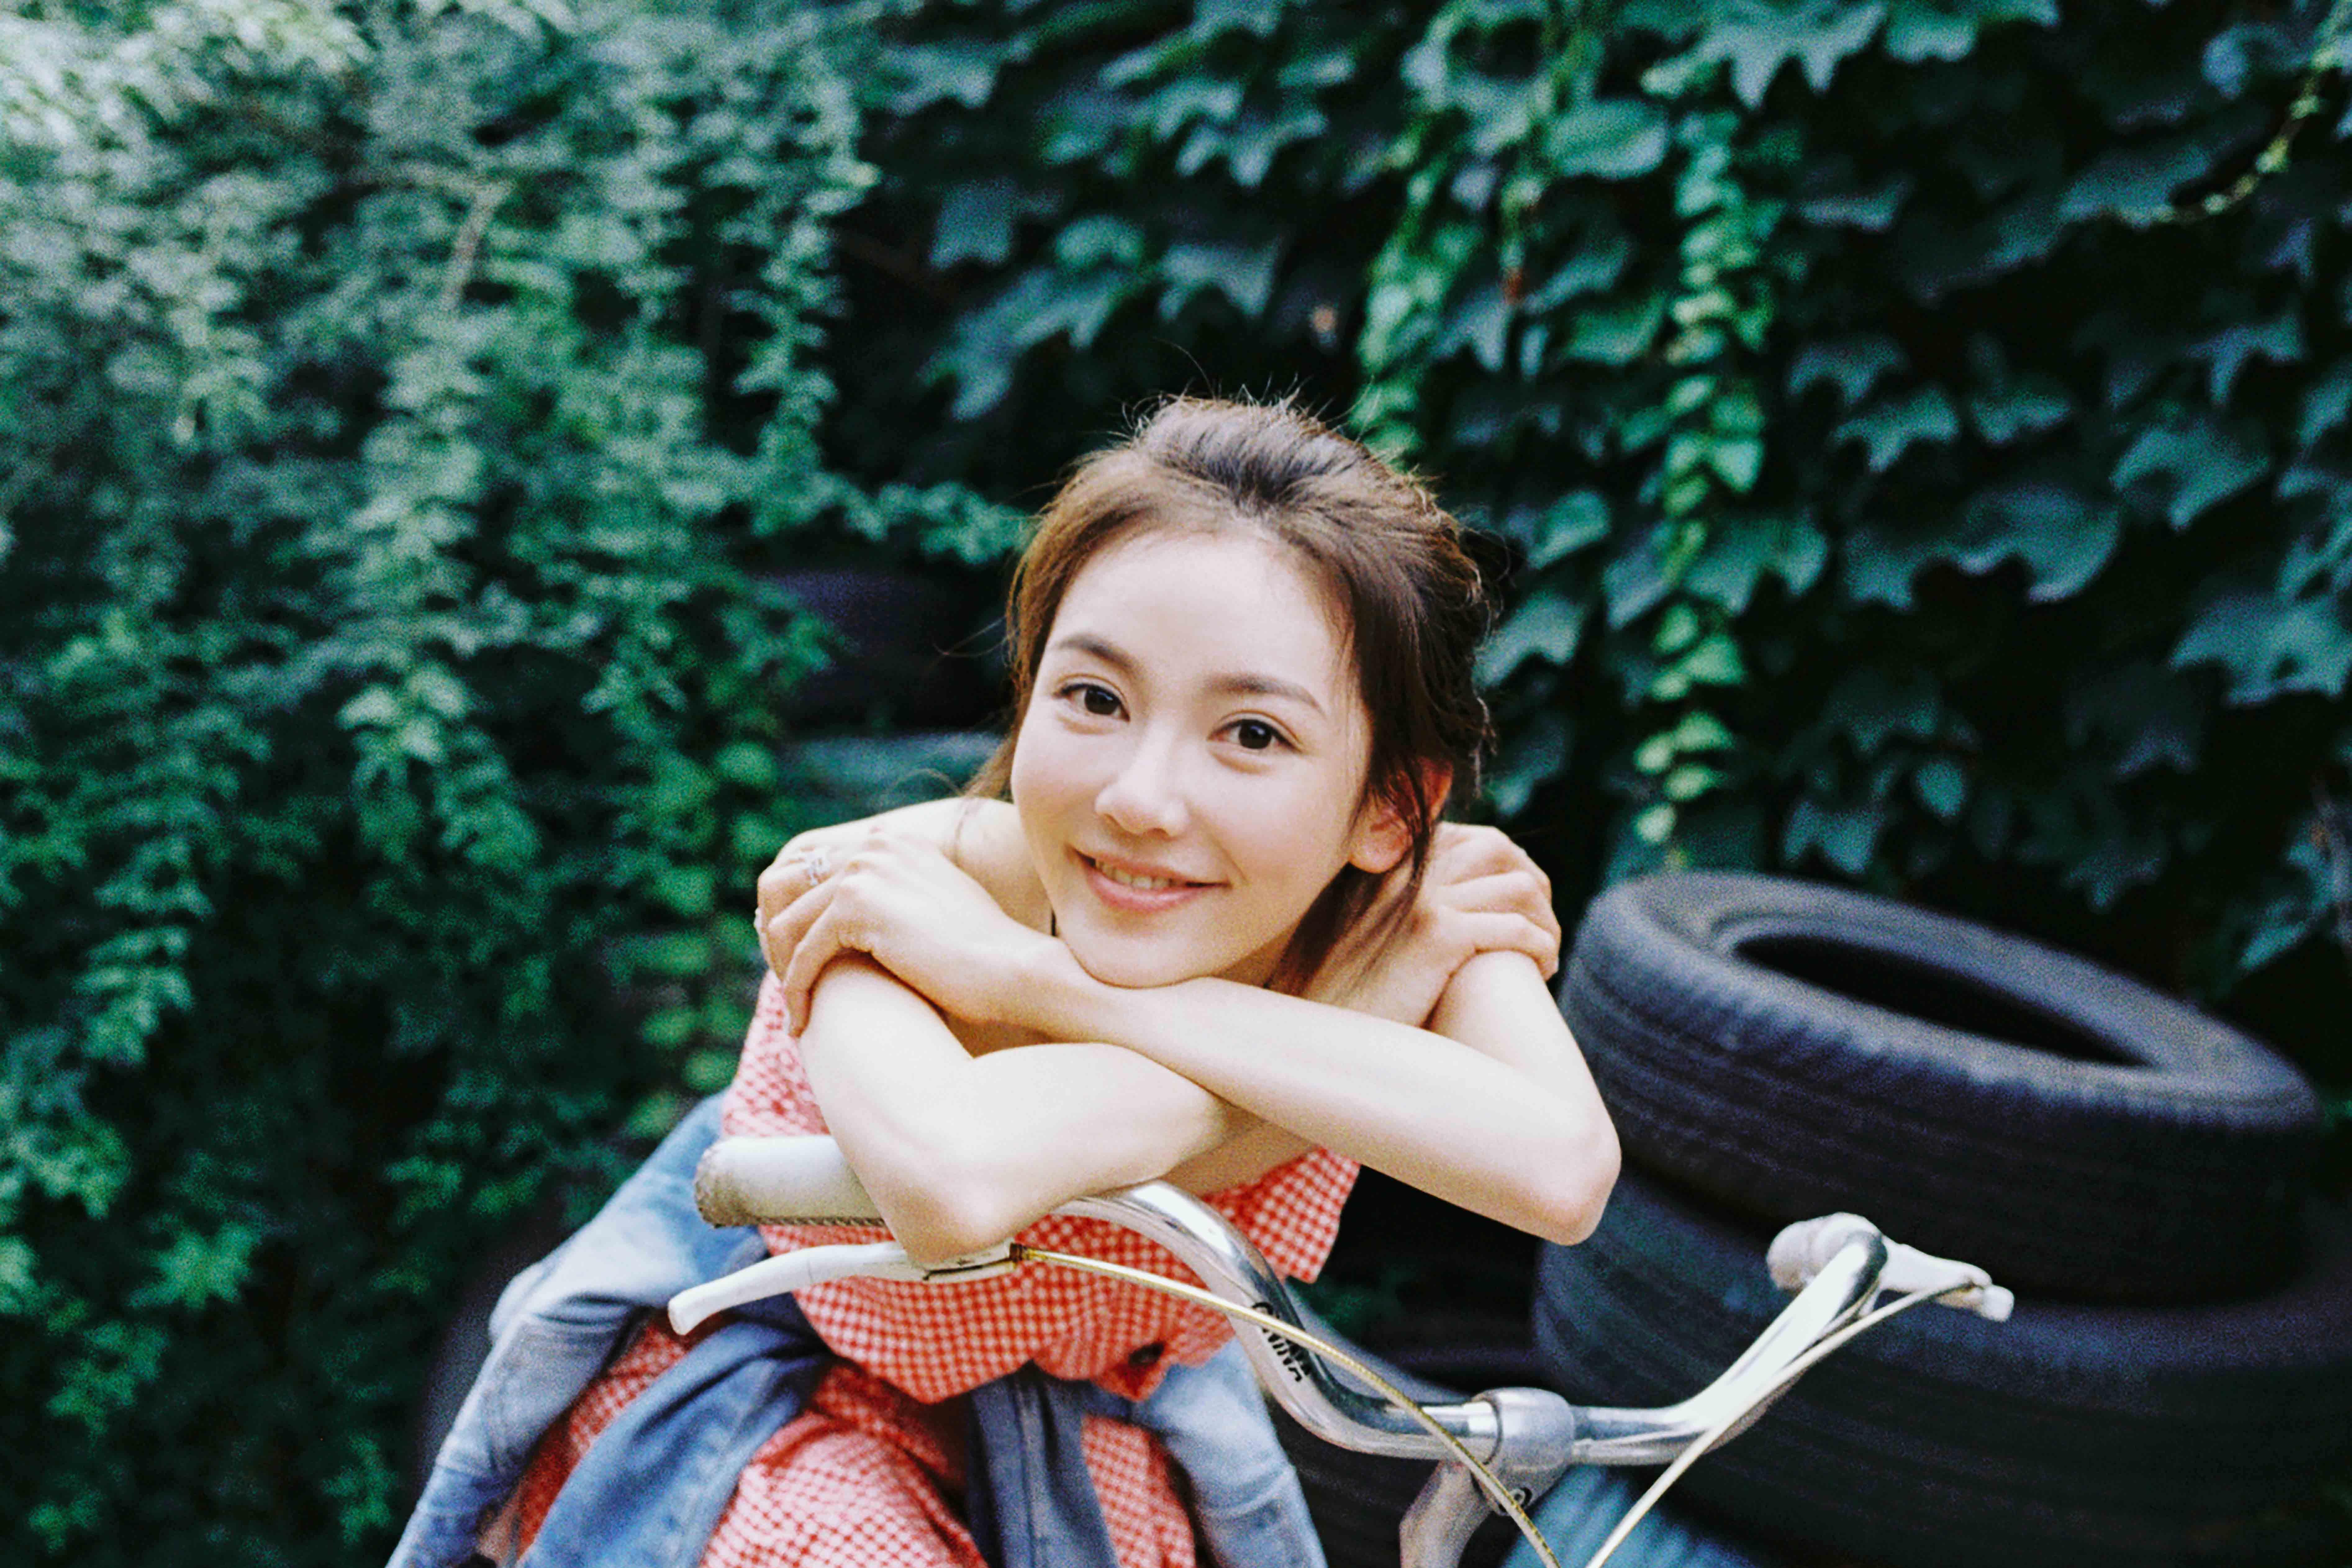 元少女_罗米秋游写真曝光 元氧少女骑单车显青春活力